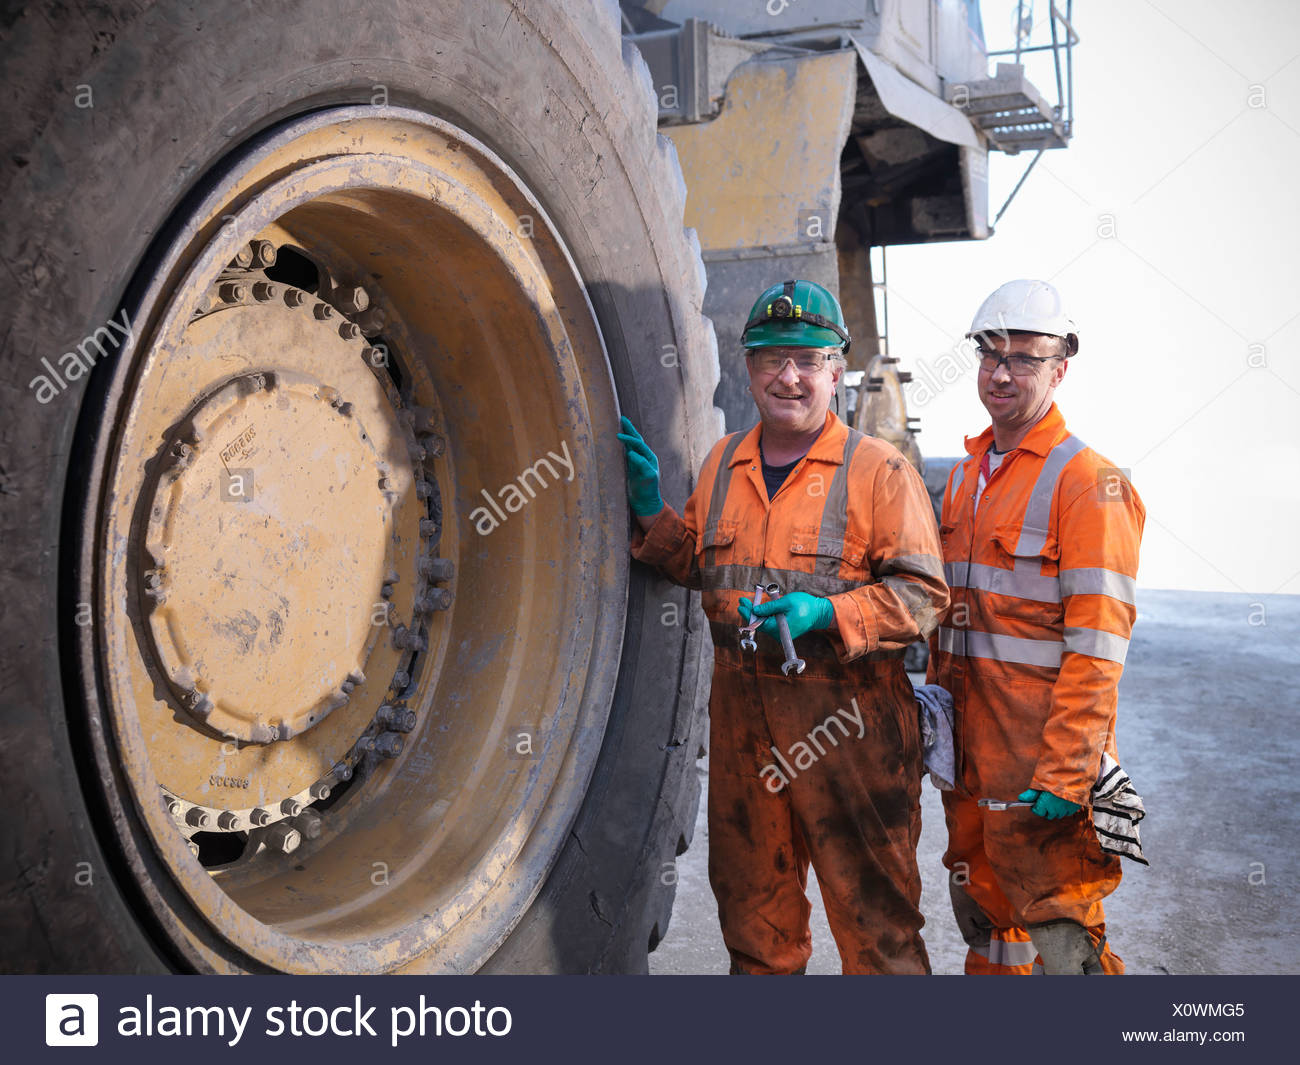 Workers standing par camion à la mine de charbon Photo Stock